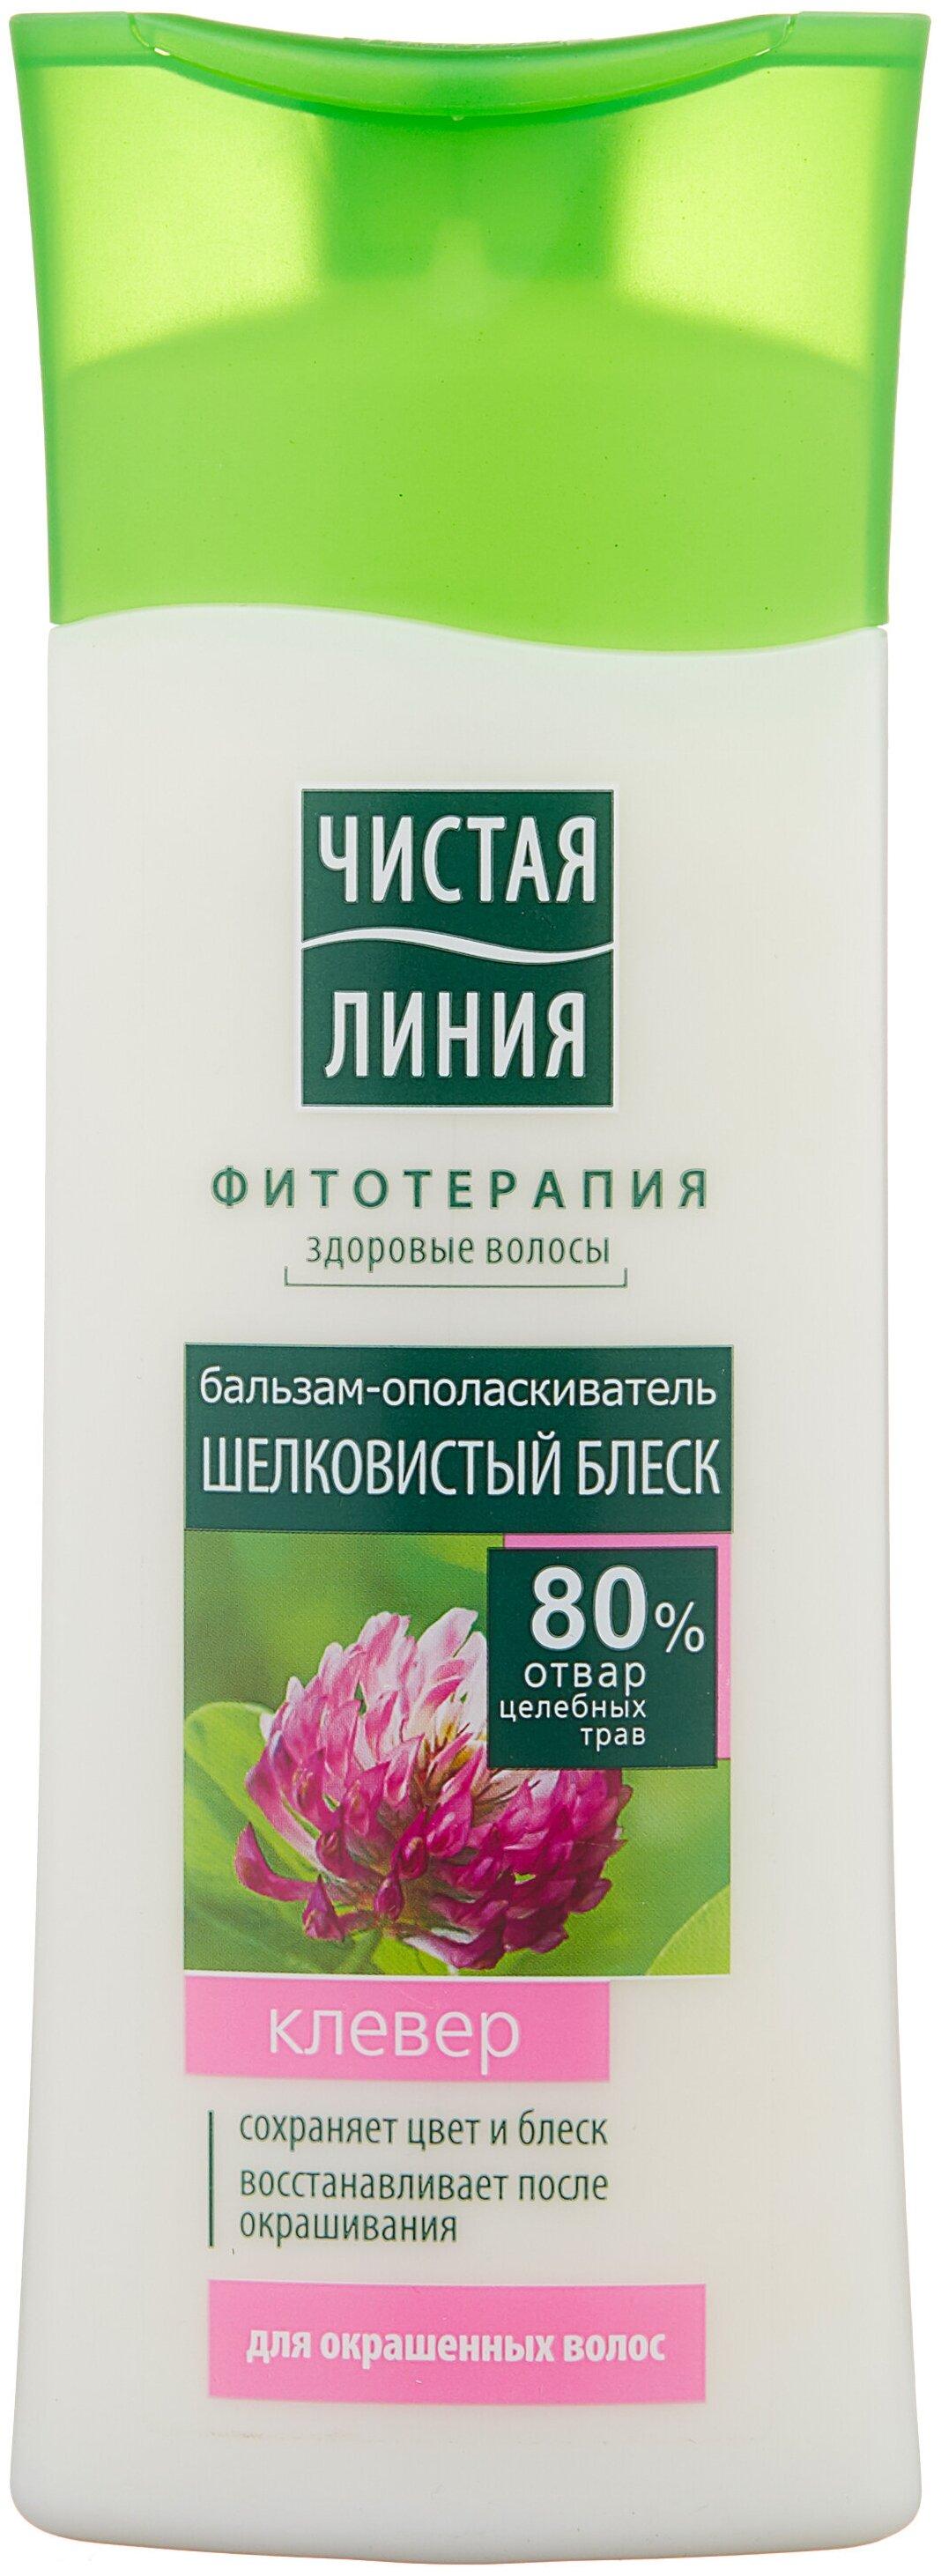 Чистая линия бальзам-ополаскиватель Шелковистый блеск для окрашенных волос Клевер — купить по выгодной цене на Яндекс.Маркете